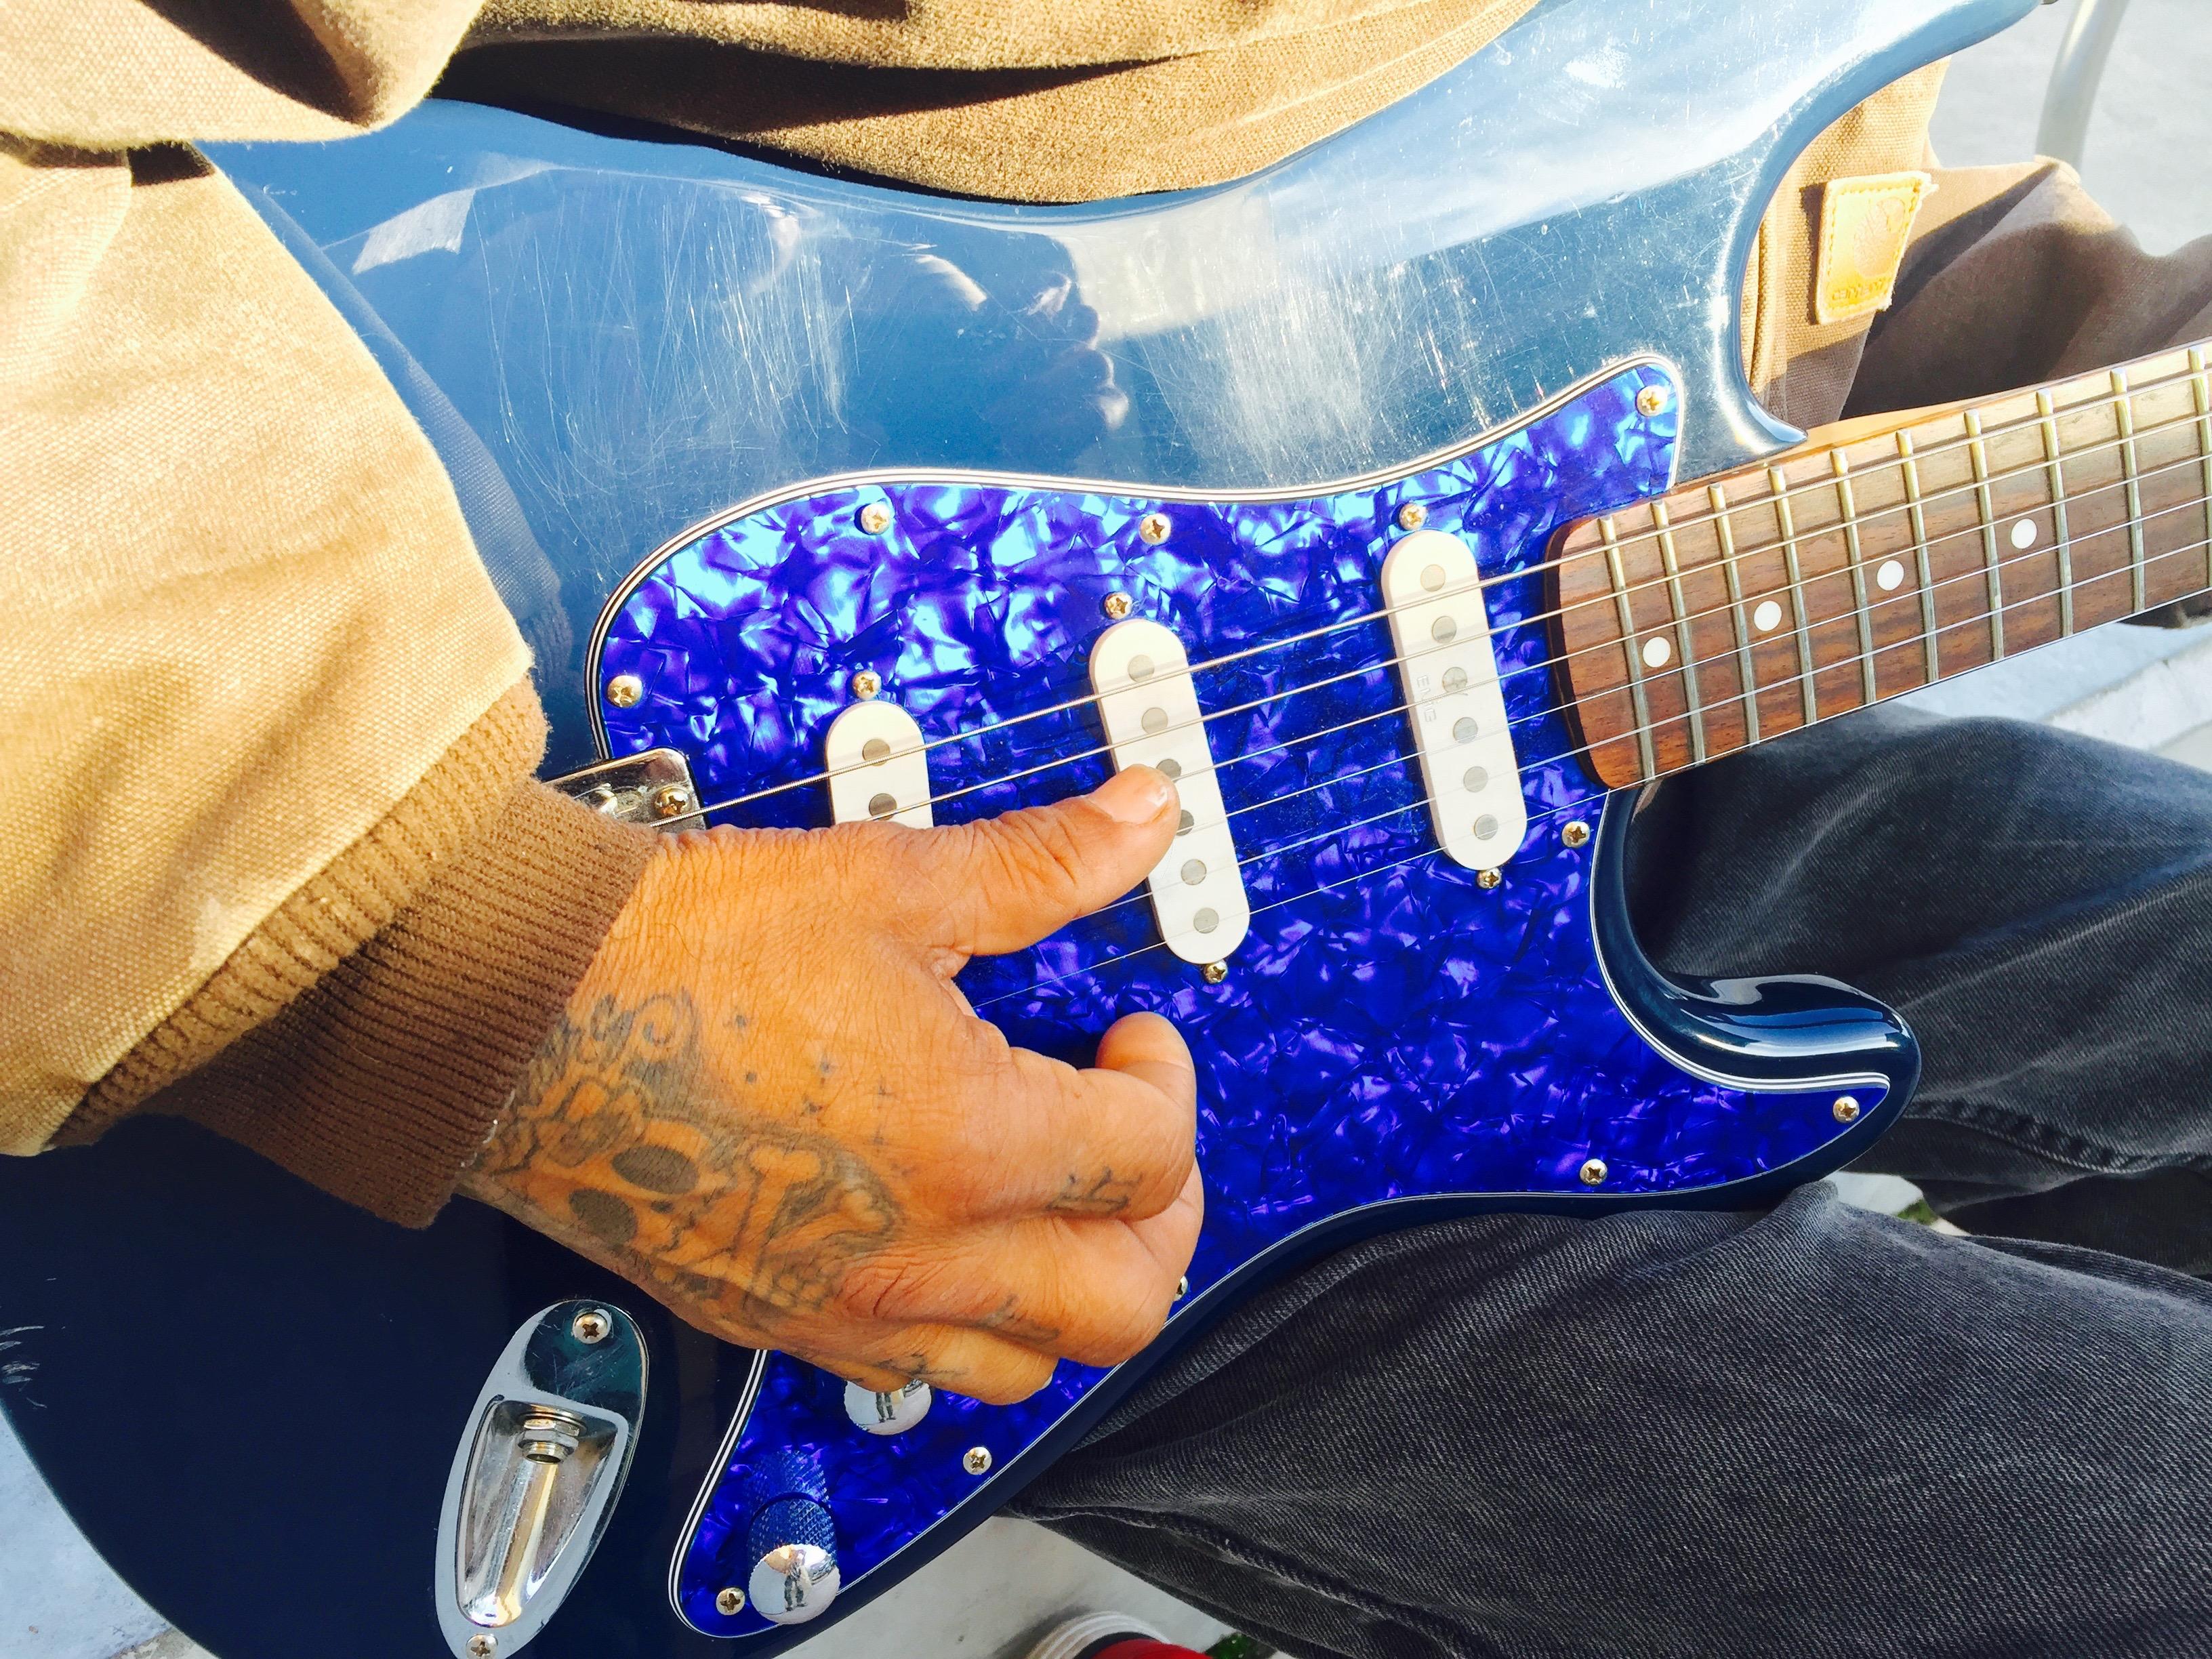 Kai Lani strums the guitar